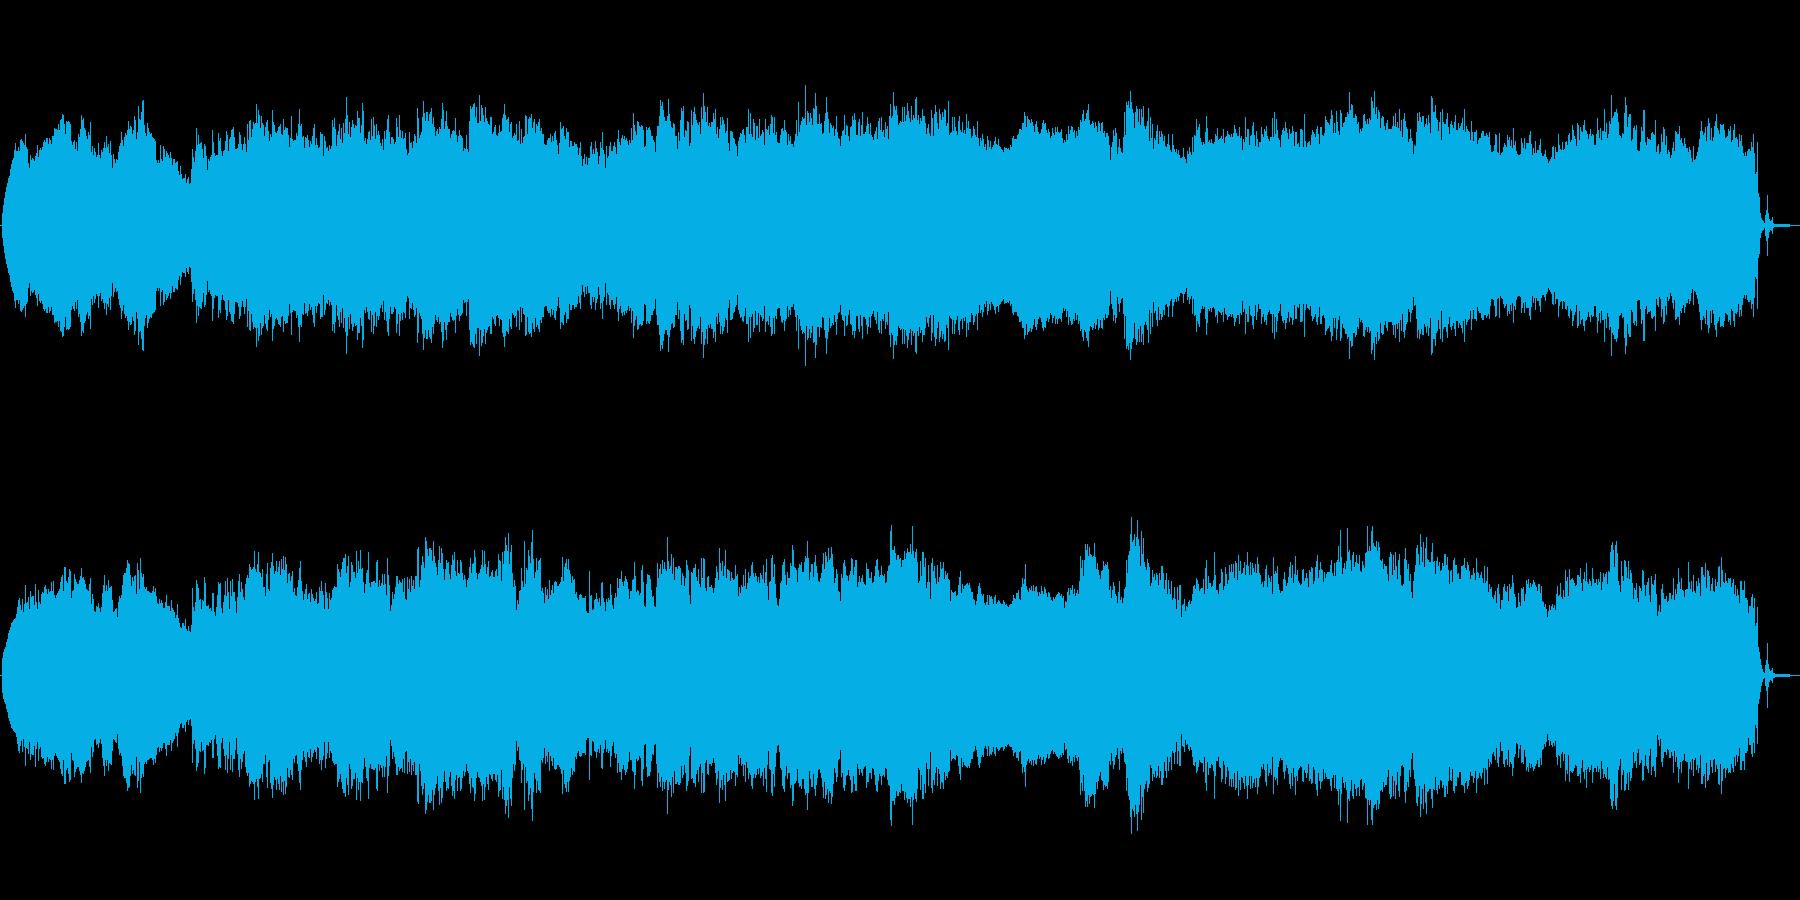 エレキギター ノイズ アンビエント 廃墟の再生済みの波形